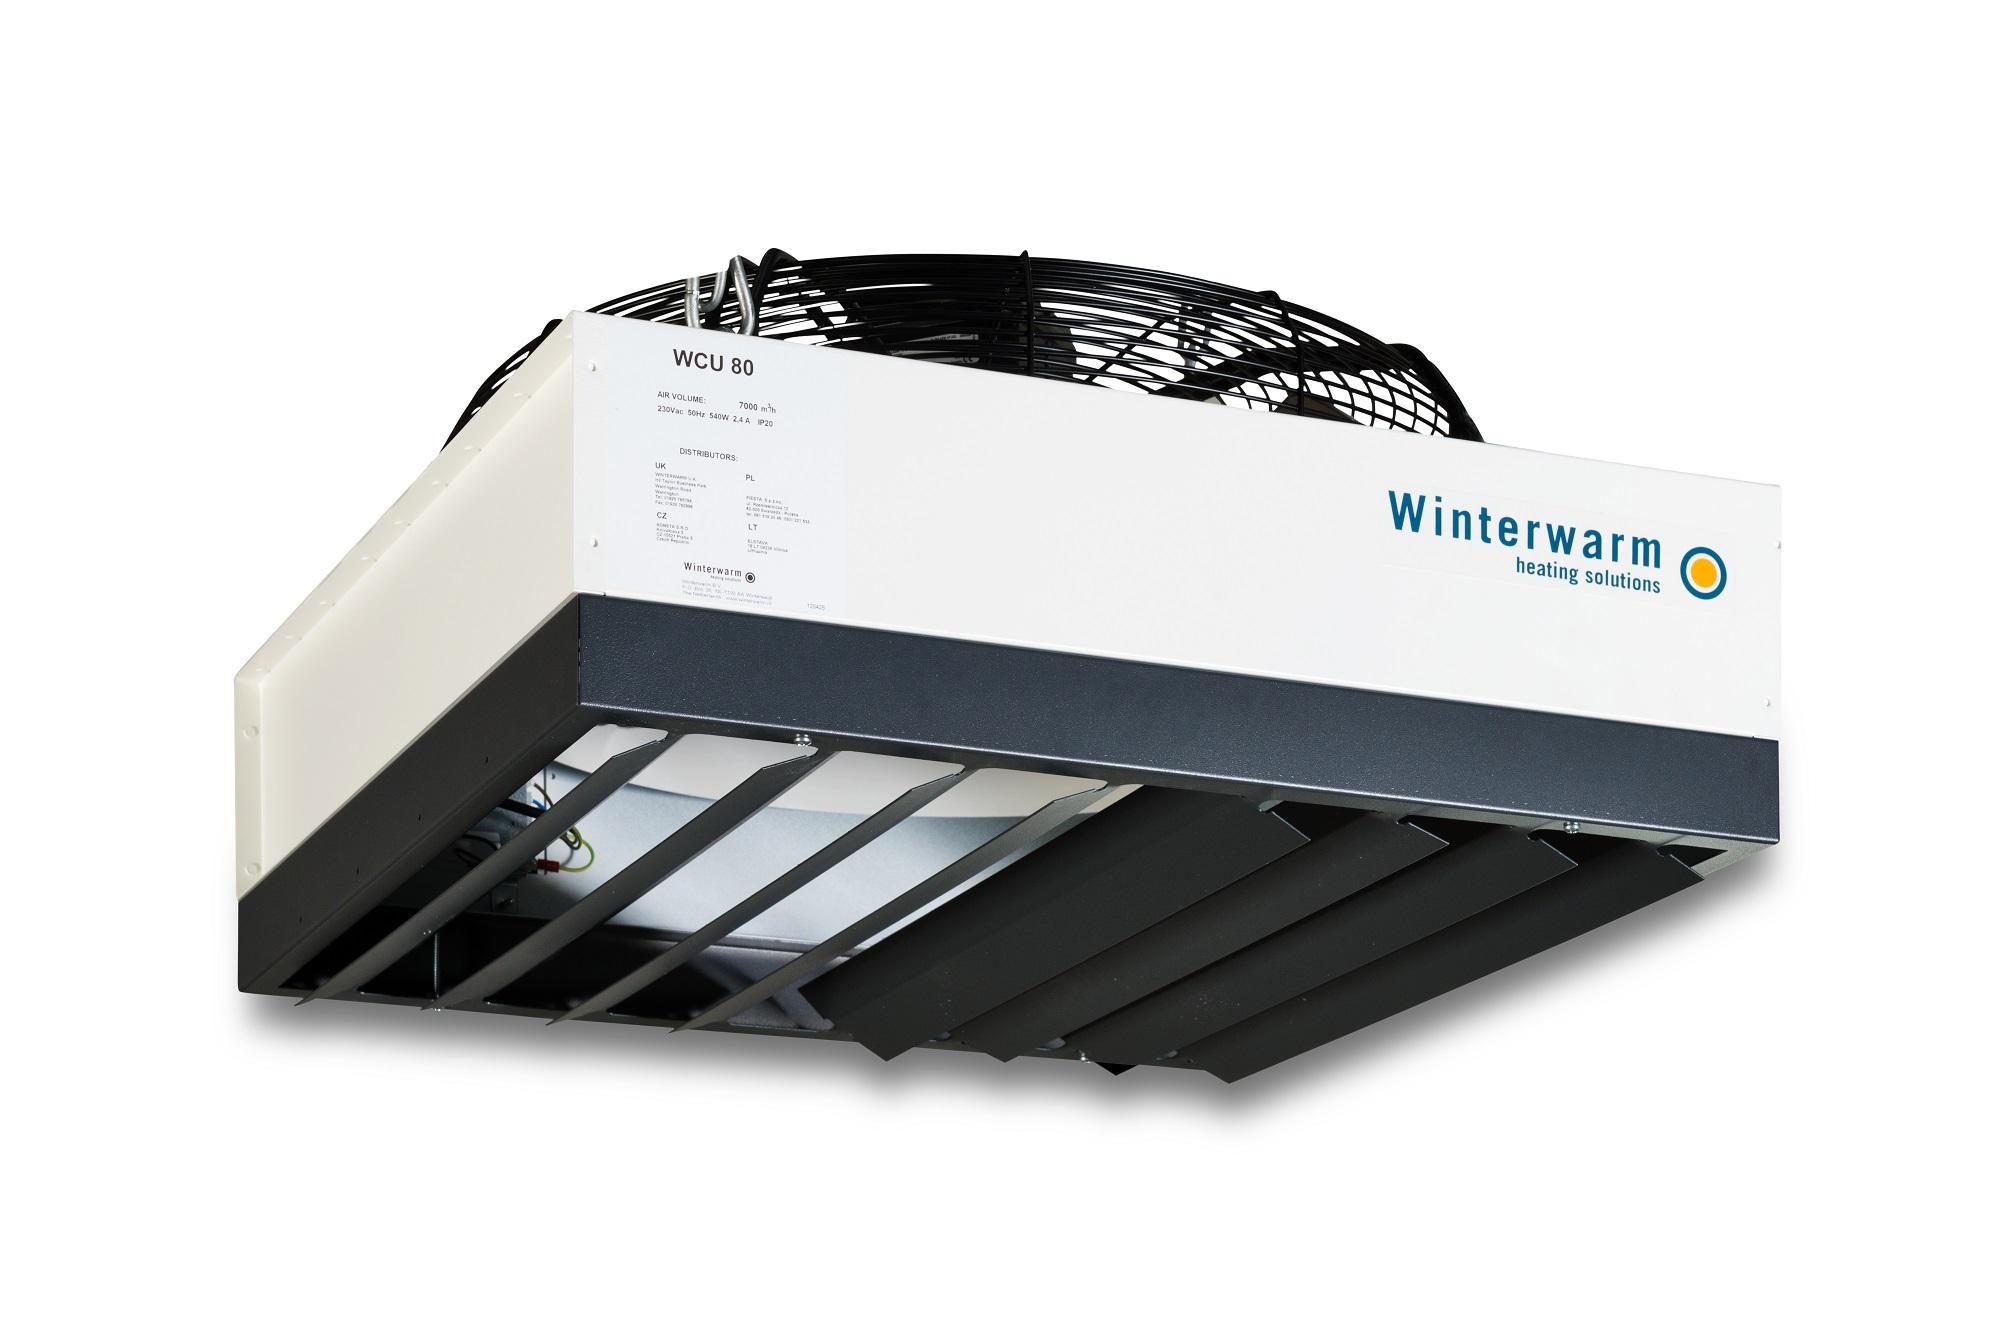 WCU 80